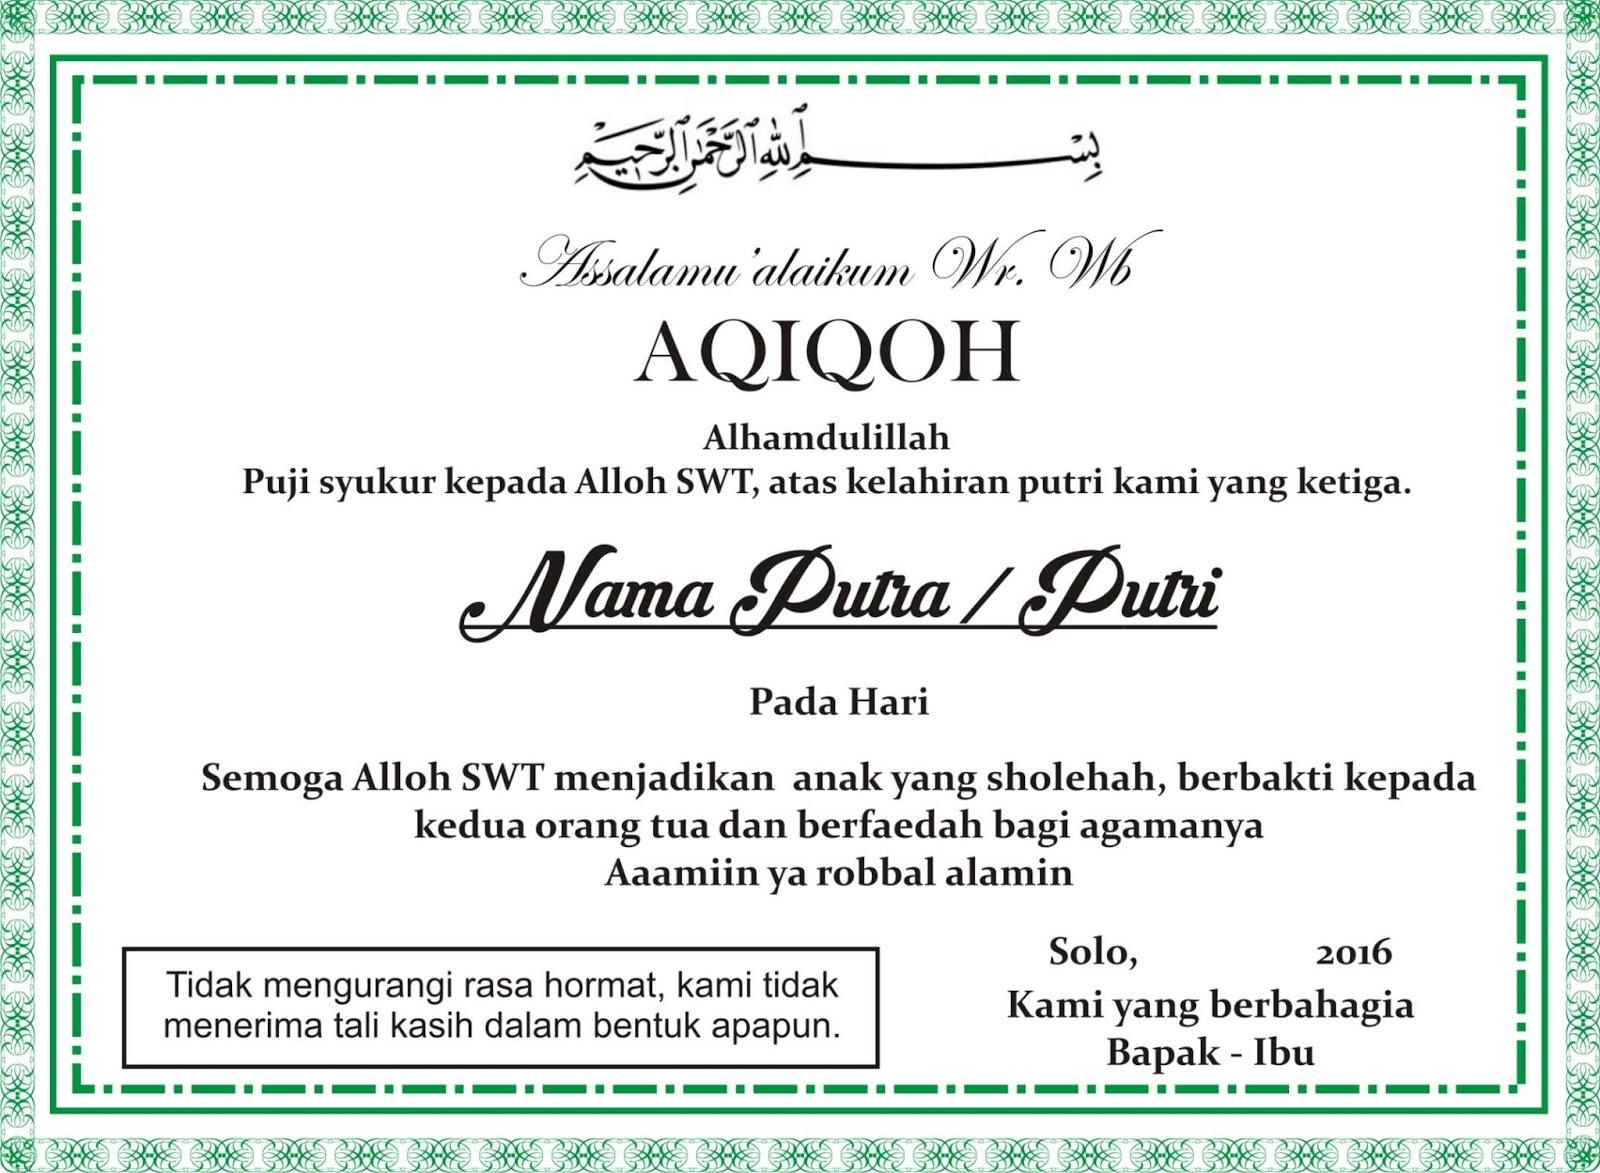 34+ Contoh kartu ucapan aqiqah untuk orang dewasa terbaru yang baik